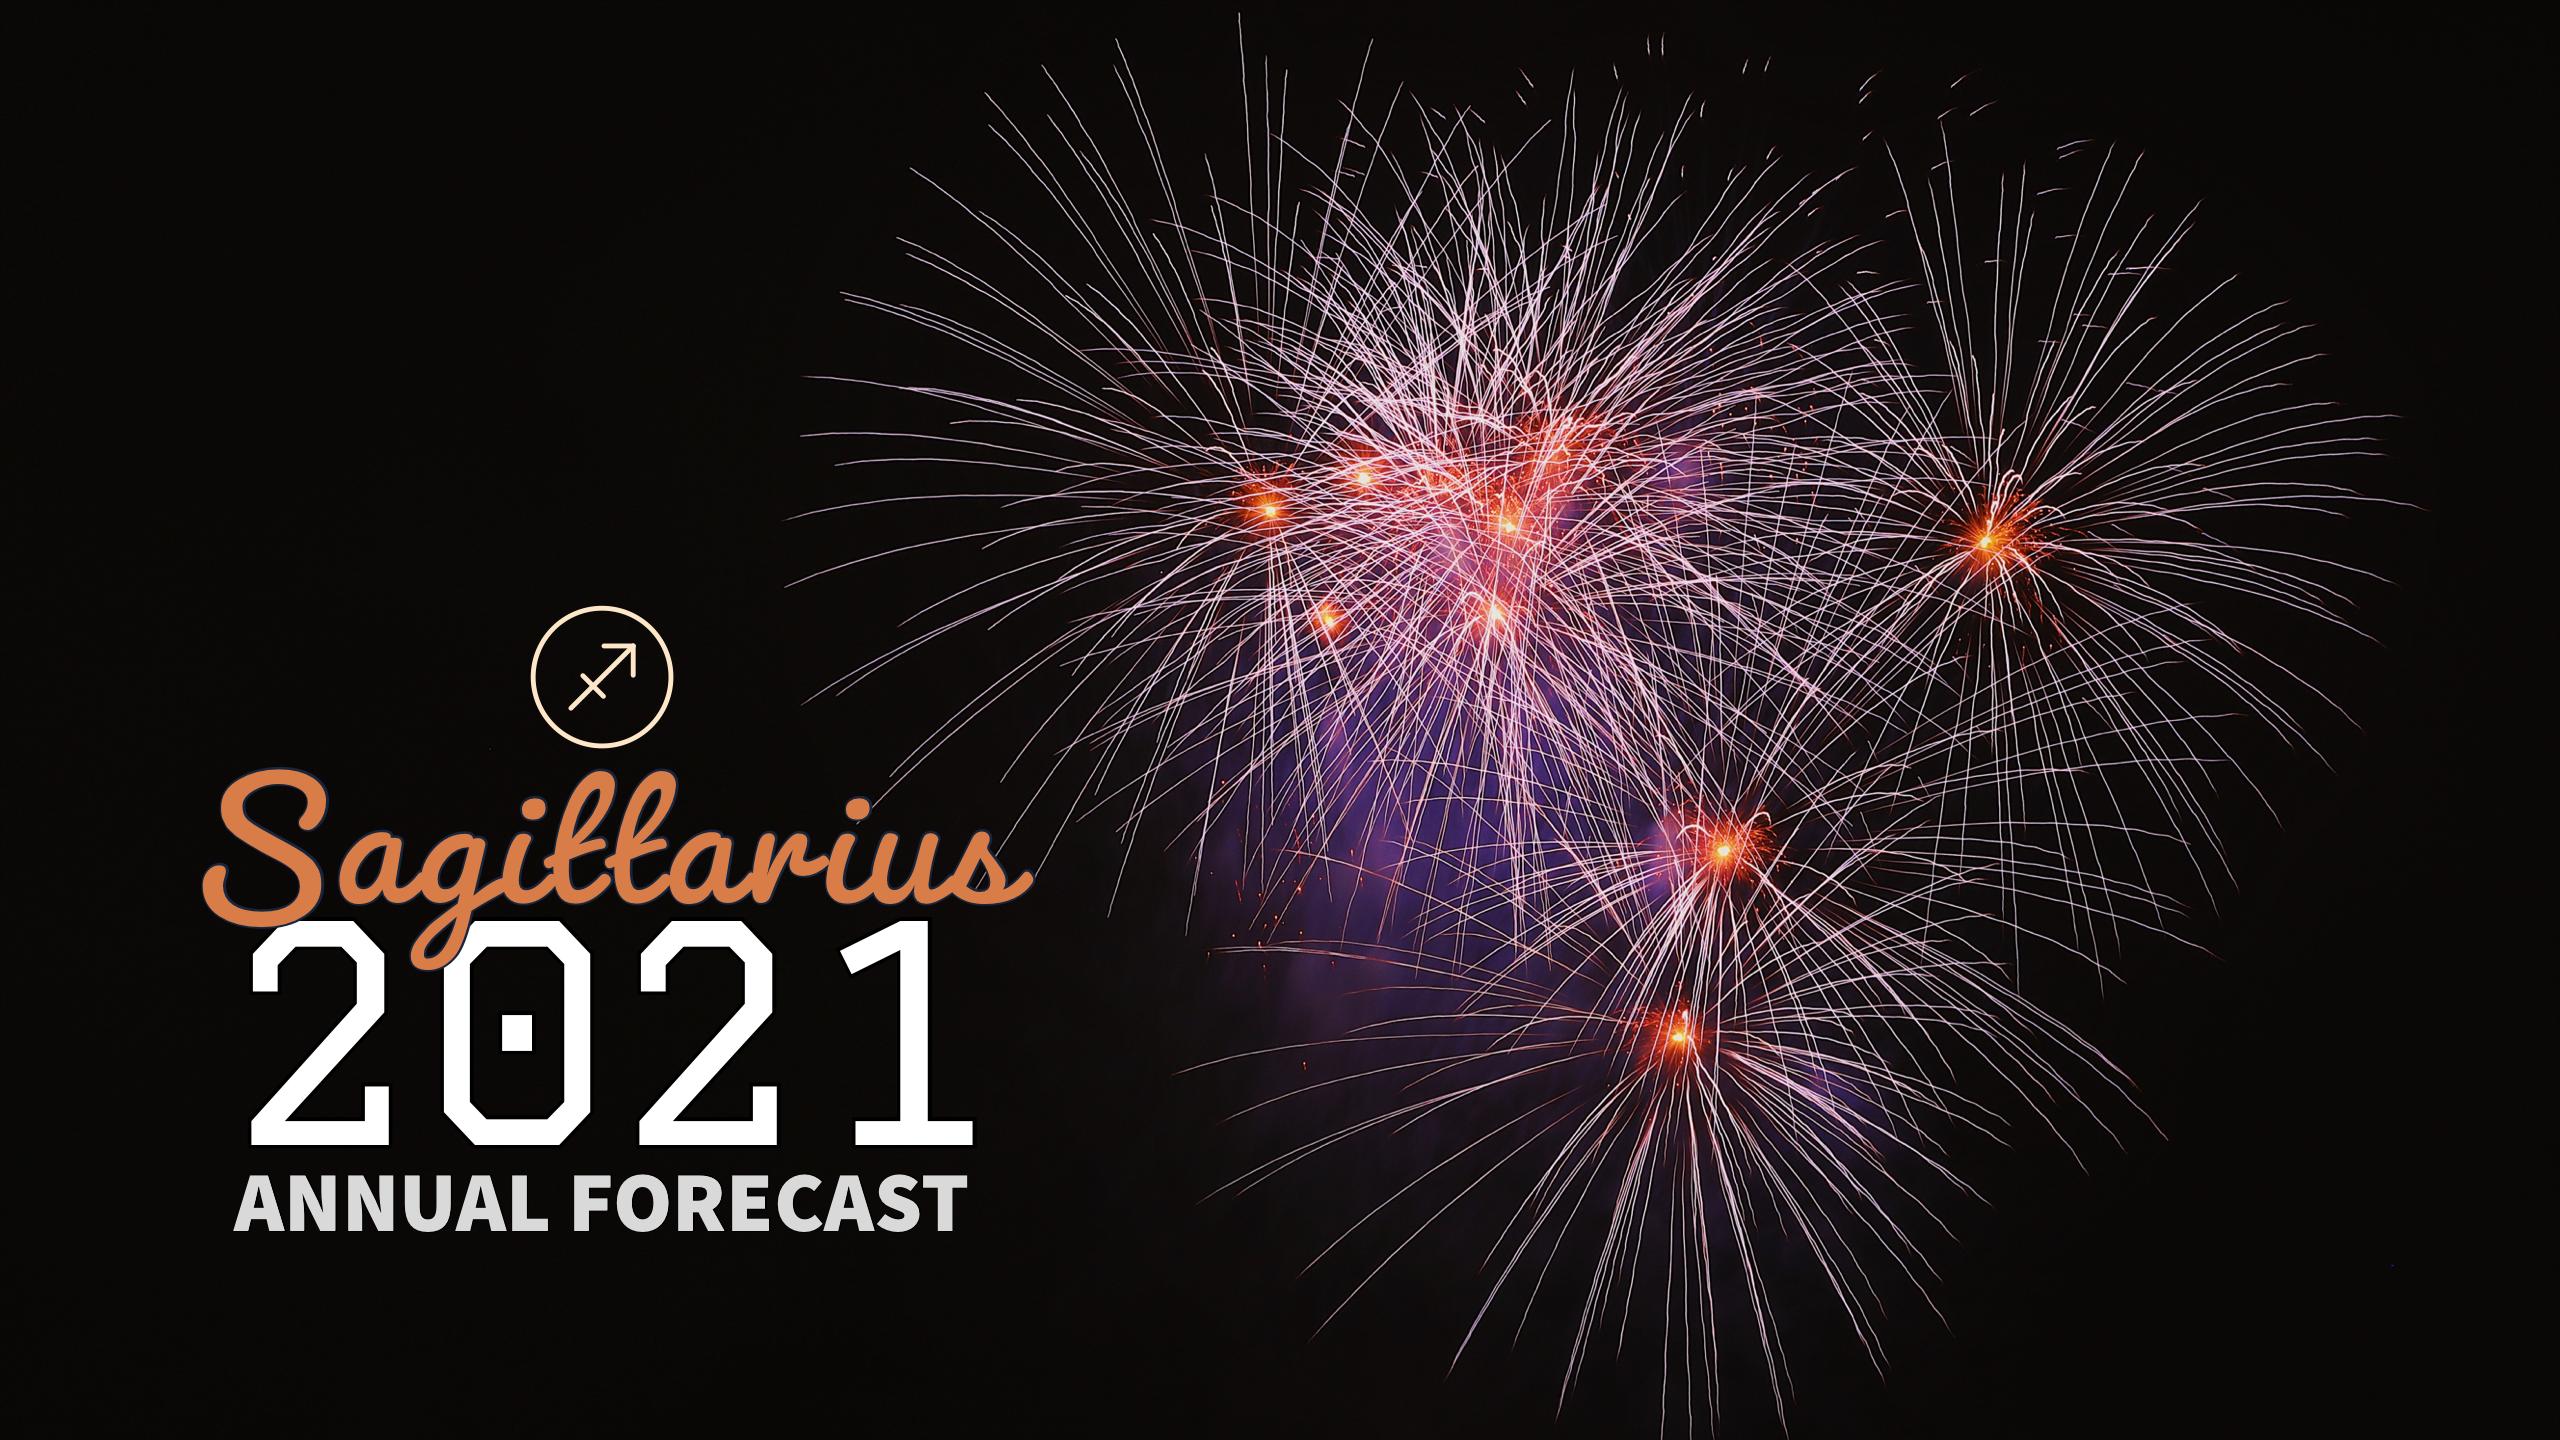 Annual Forecast 2021:Banner:09 Sagittarius